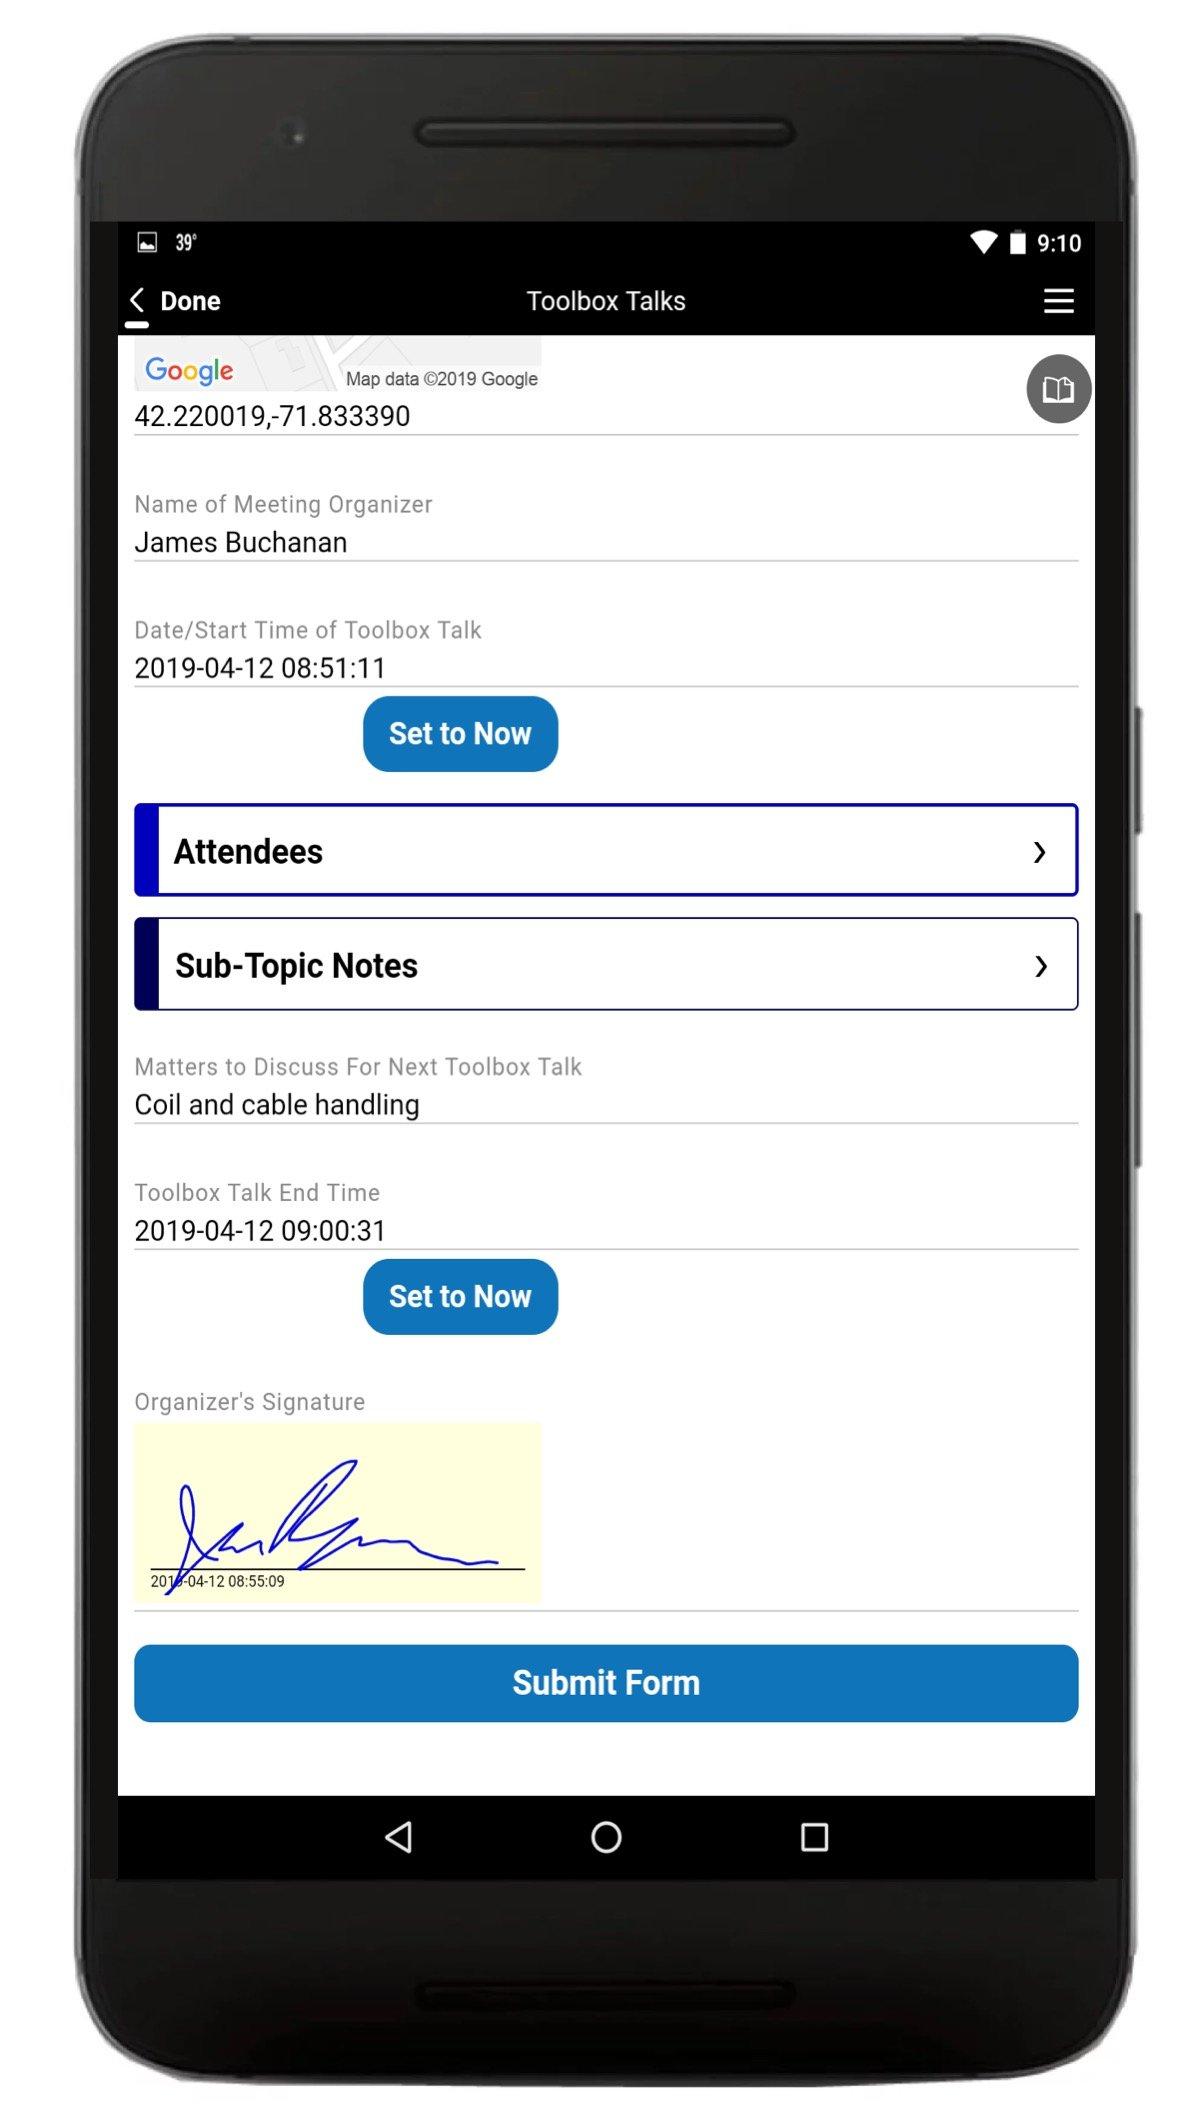 Construction Toolbox Talk App Screenshot 2